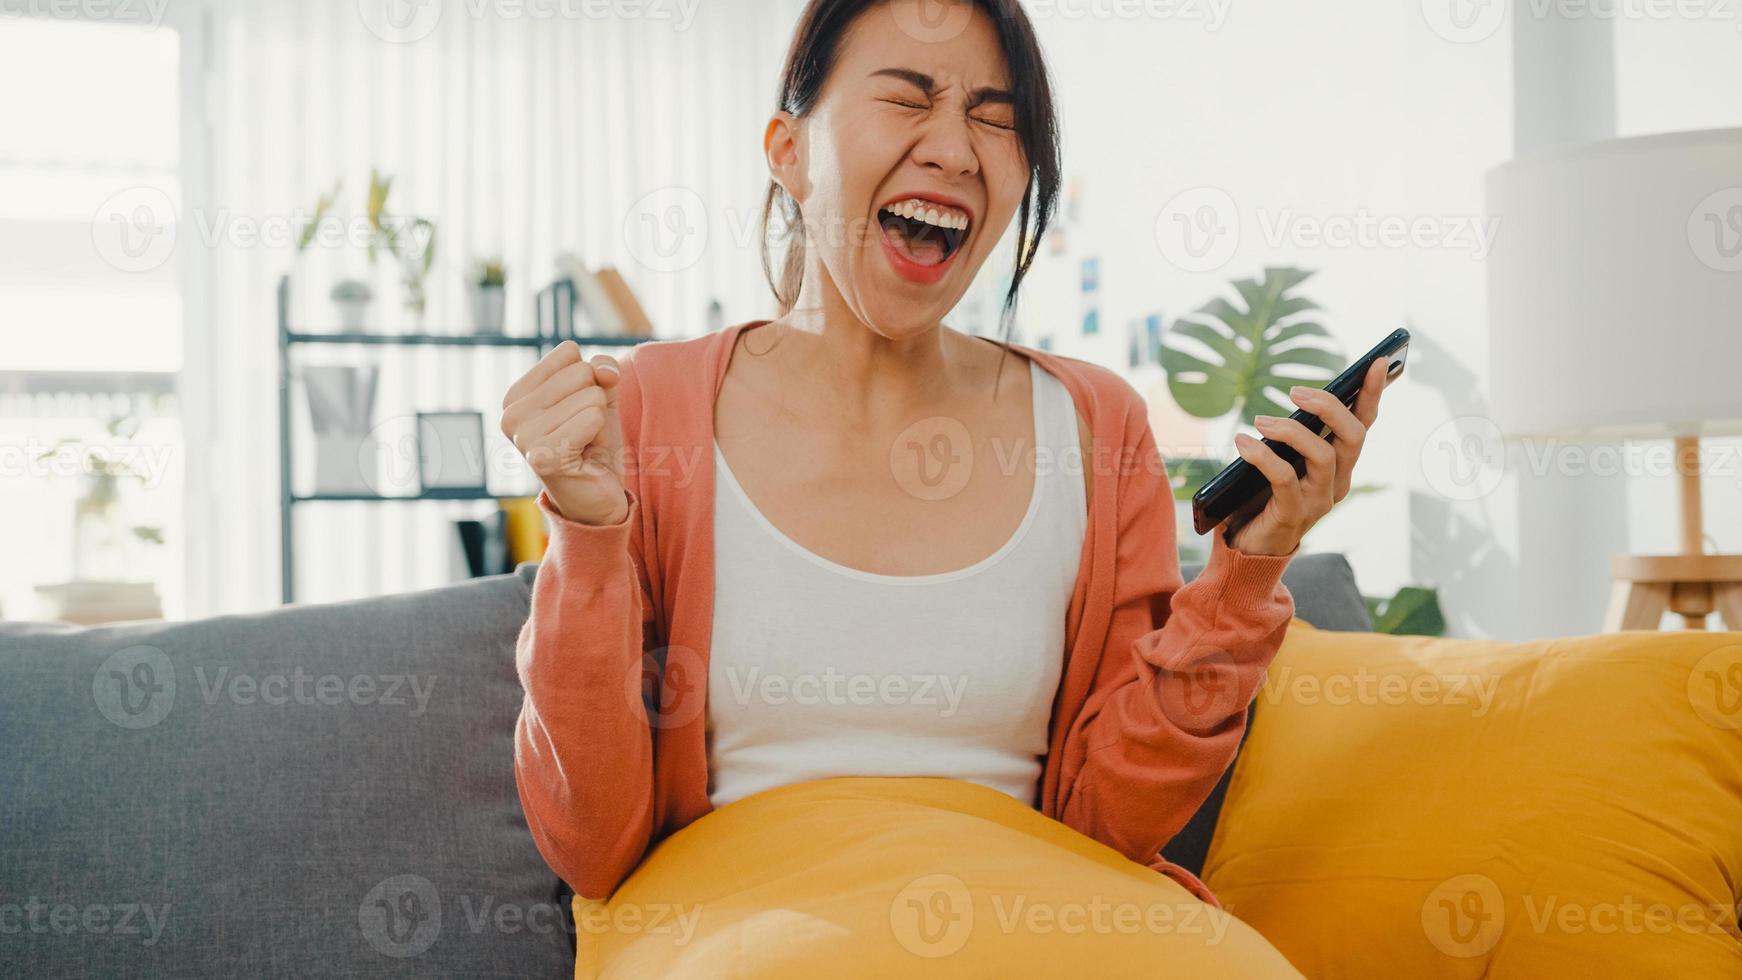 mooie aziatische dame zit op de bank voel me spannend met geweldig nieuws thuis. succesinterview, afgestudeerde prestatie, datingwedstrijd accepteren, startkrediet goedkeuren, slagen voor test, werkgever accepteren baanconcept. foto